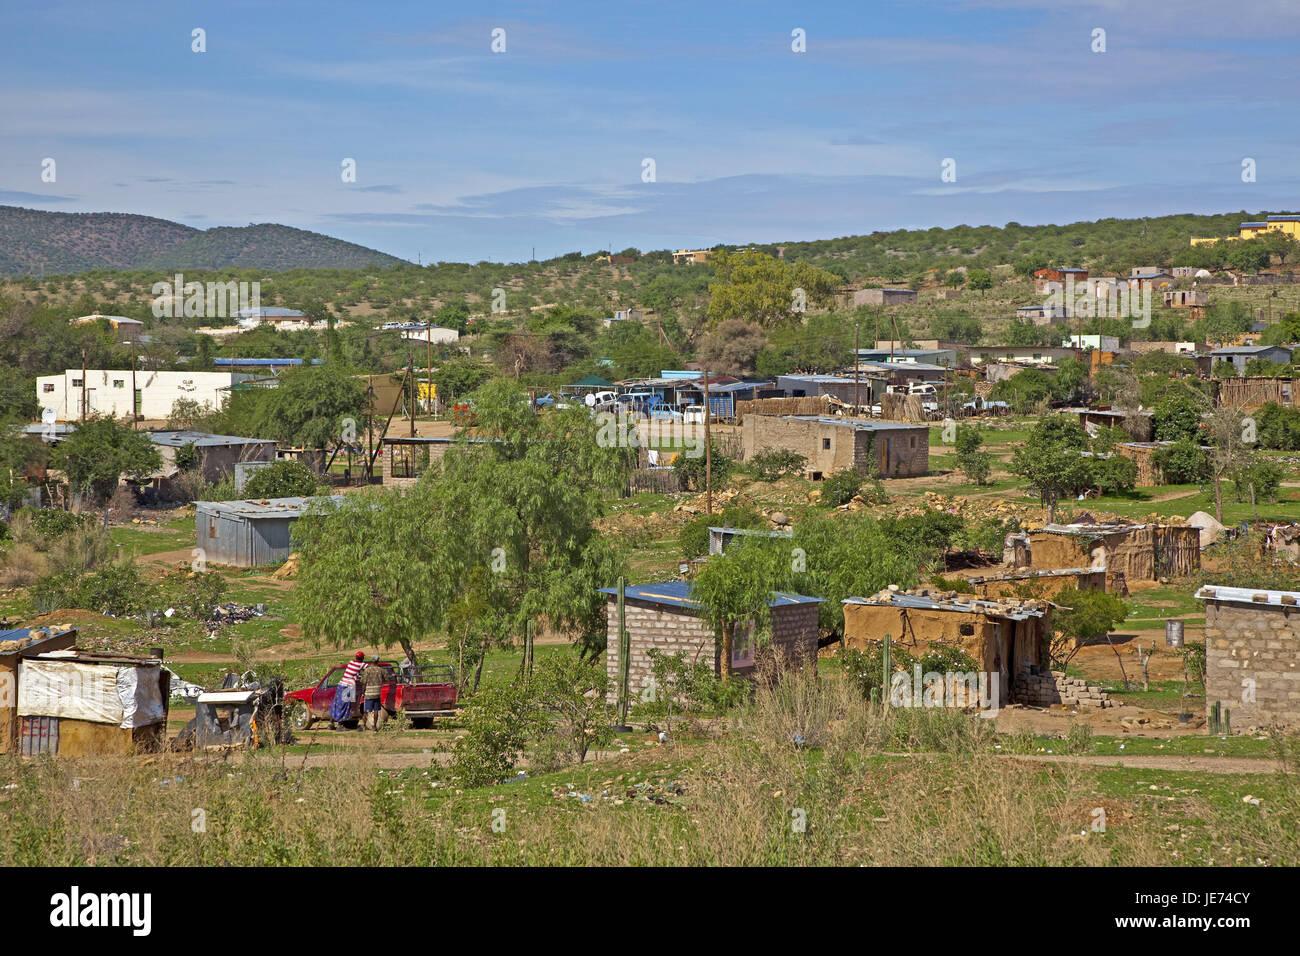 Africa, Namibia, Kunene region, Kaokoveld, Opuwo, South-West Africa, capital, town, Kuneneregion, Himbastamm, houses, - Stock Image